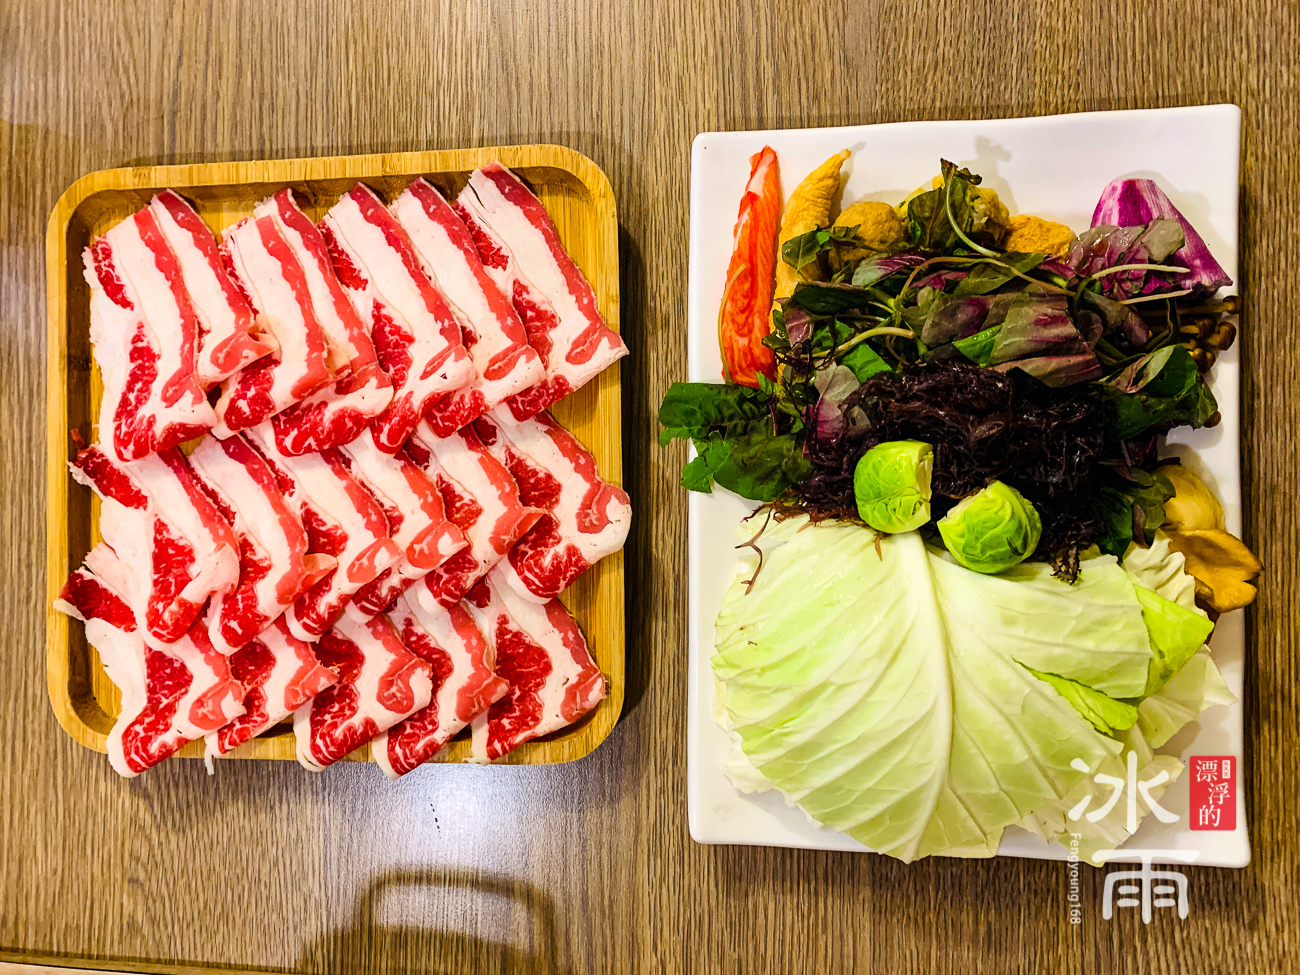 築湘養生麻辣火鍋店|菜盤和肉盤